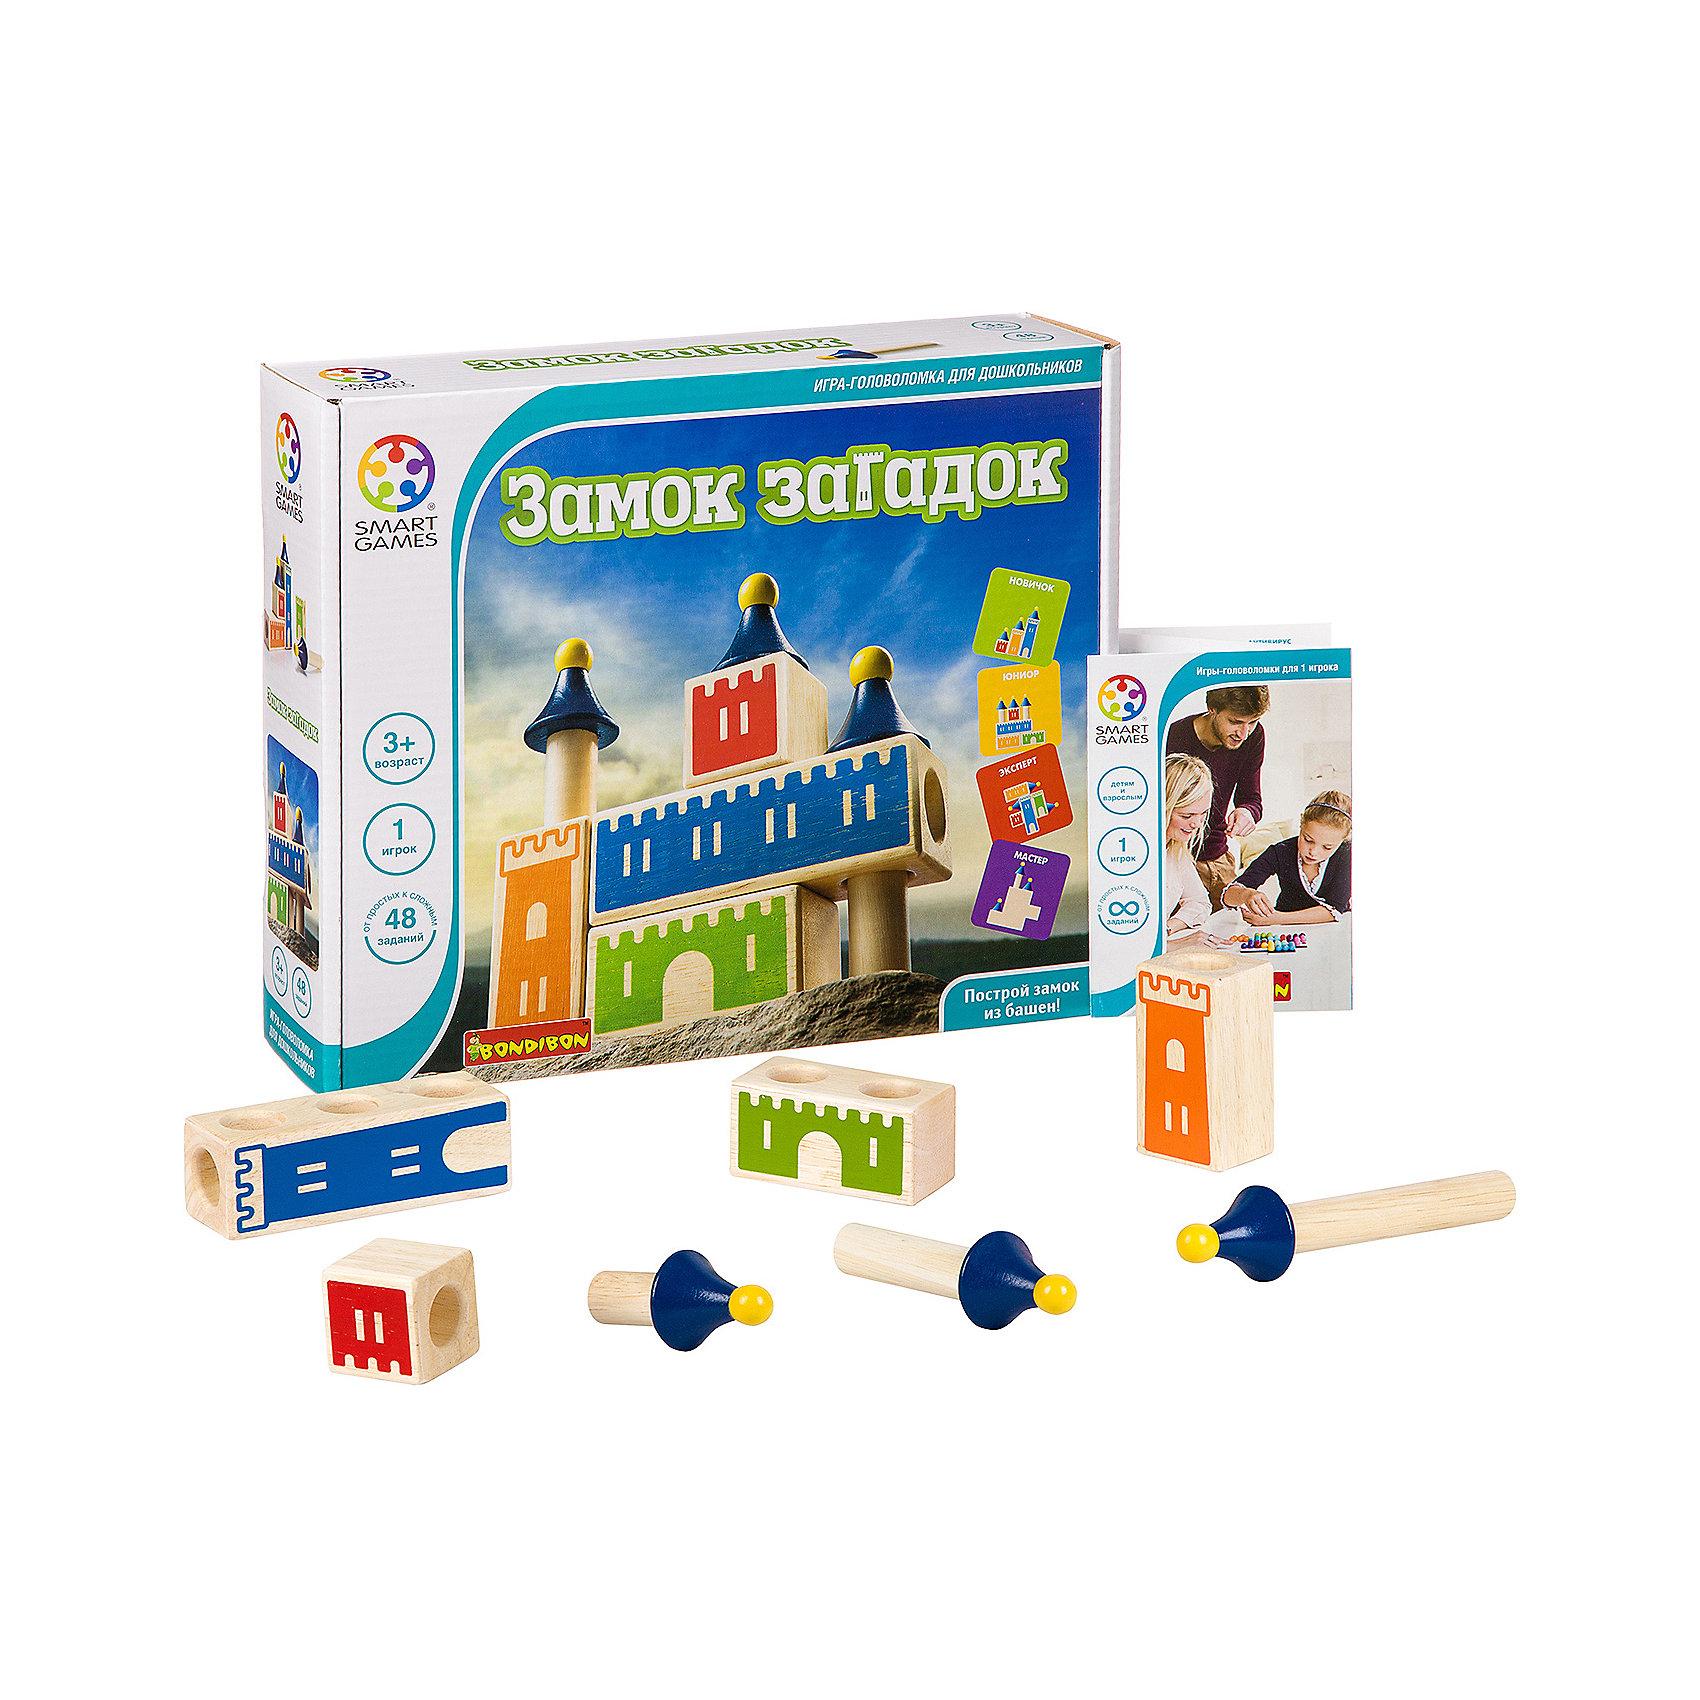 Логическая игра Замок загадок, BondibonСтратегические настольные игры<br>Характеристики:<br><br>• Вид игр: настольные игры<br>• Пол: универсальный<br>• Материал: дерево, бумага, картон<br>• Количество игроков: 1<br>• Количество уровней сложности: 4<br>• Количество заданий: 48<br>• Размер (Д*Ш*В): 24*7,5*24 см<br>• Вес: 750 г<br>• Комплектация: 4 деревянных блока, 3 деревянные башни, буклет с заданиями, инструкция<br><br>Логическая игра Замок загадок, Bondibon – это настольная игра от всемирно известного производителя детских игр развивающей и обучающей направленности. Smart Games – это серия логических игр, предназначенная для одного игрока с несколькими уровнями сложности и множеством заданий. Цель игры Замок загадок заключается в том, чтобы построить замок из имеющихся деталей в соответсвии с заанием. Элементы игры выполнены из качественно обработанного дерева, упакованы в картонную коробку. В комплекте имеется инструкция с правилами игры, буклет с заданиями и книжка с красочными иллюстрациями.<br><br>Логические игры Smart Games от Bondibon научат ребенка логическому и пространственному мышлению, концентрации внимания и выработке индивидуальной тактики решения игровых задач. Настольные игры от Bondibon – залог развития успешности вашего ребенка в будущем! <br><br>Логическую игру Замок загадок, Bondibon можно купить в нашем интернет-магазине.<br><br>Ширина мм: 240<br>Глубина мм: 50<br>Высота мм: 240<br>Вес г: 783<br>Возраст от месяцев: 36<br>Возраст до месяцев: 96<br>Пол: Унисекс<br>Возраст: Детский<br>SKU: 5121969